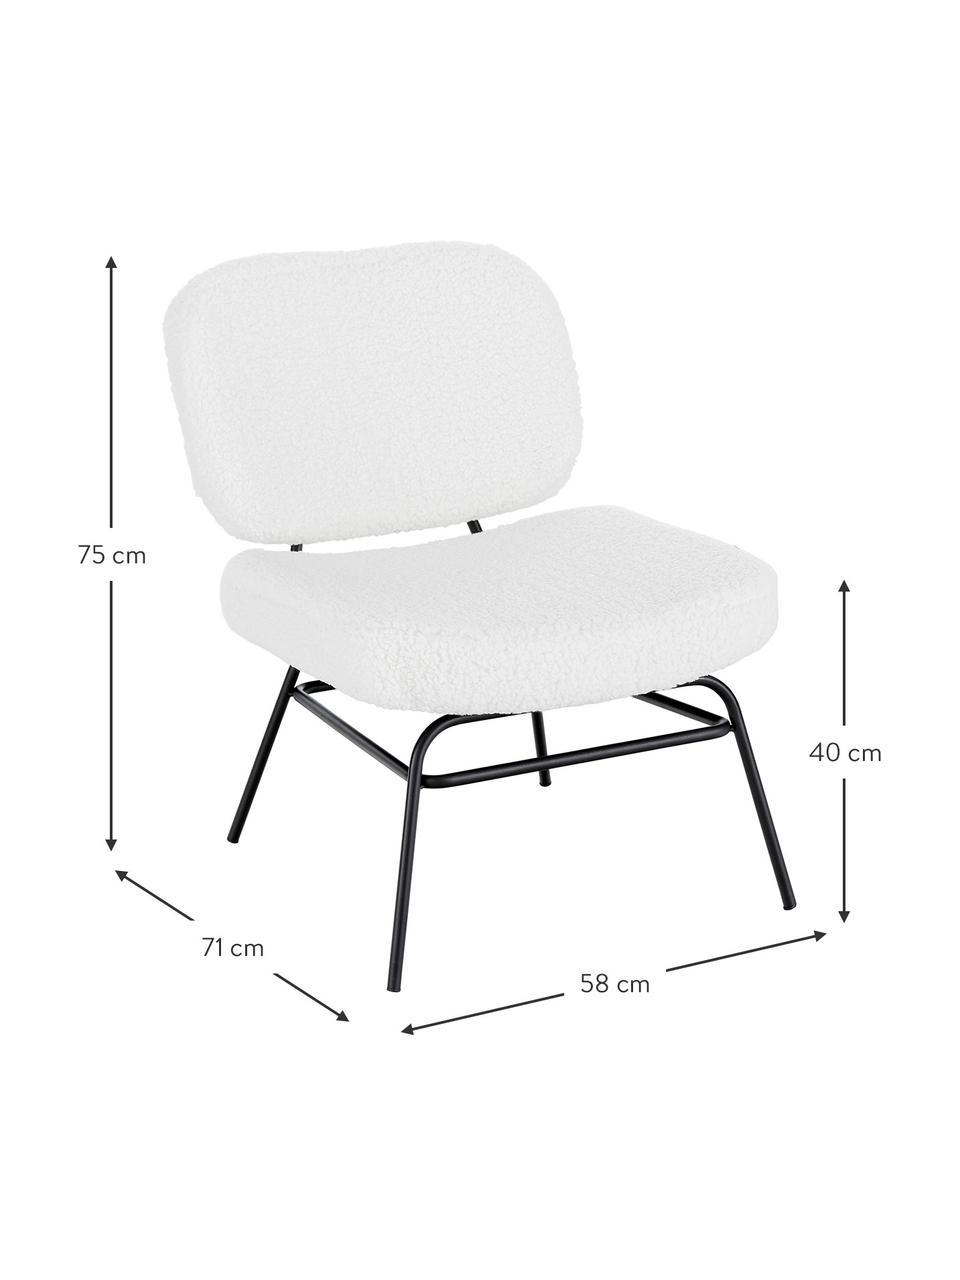 Fotel tapicerowany Teddy Malte, Tapicerka: poliester (futro Teddy) D, Nogi: metal malowany proszkowo, Tapicerka: kremowobiały Nogi: czarny matowy, S 58 x G 71 cm